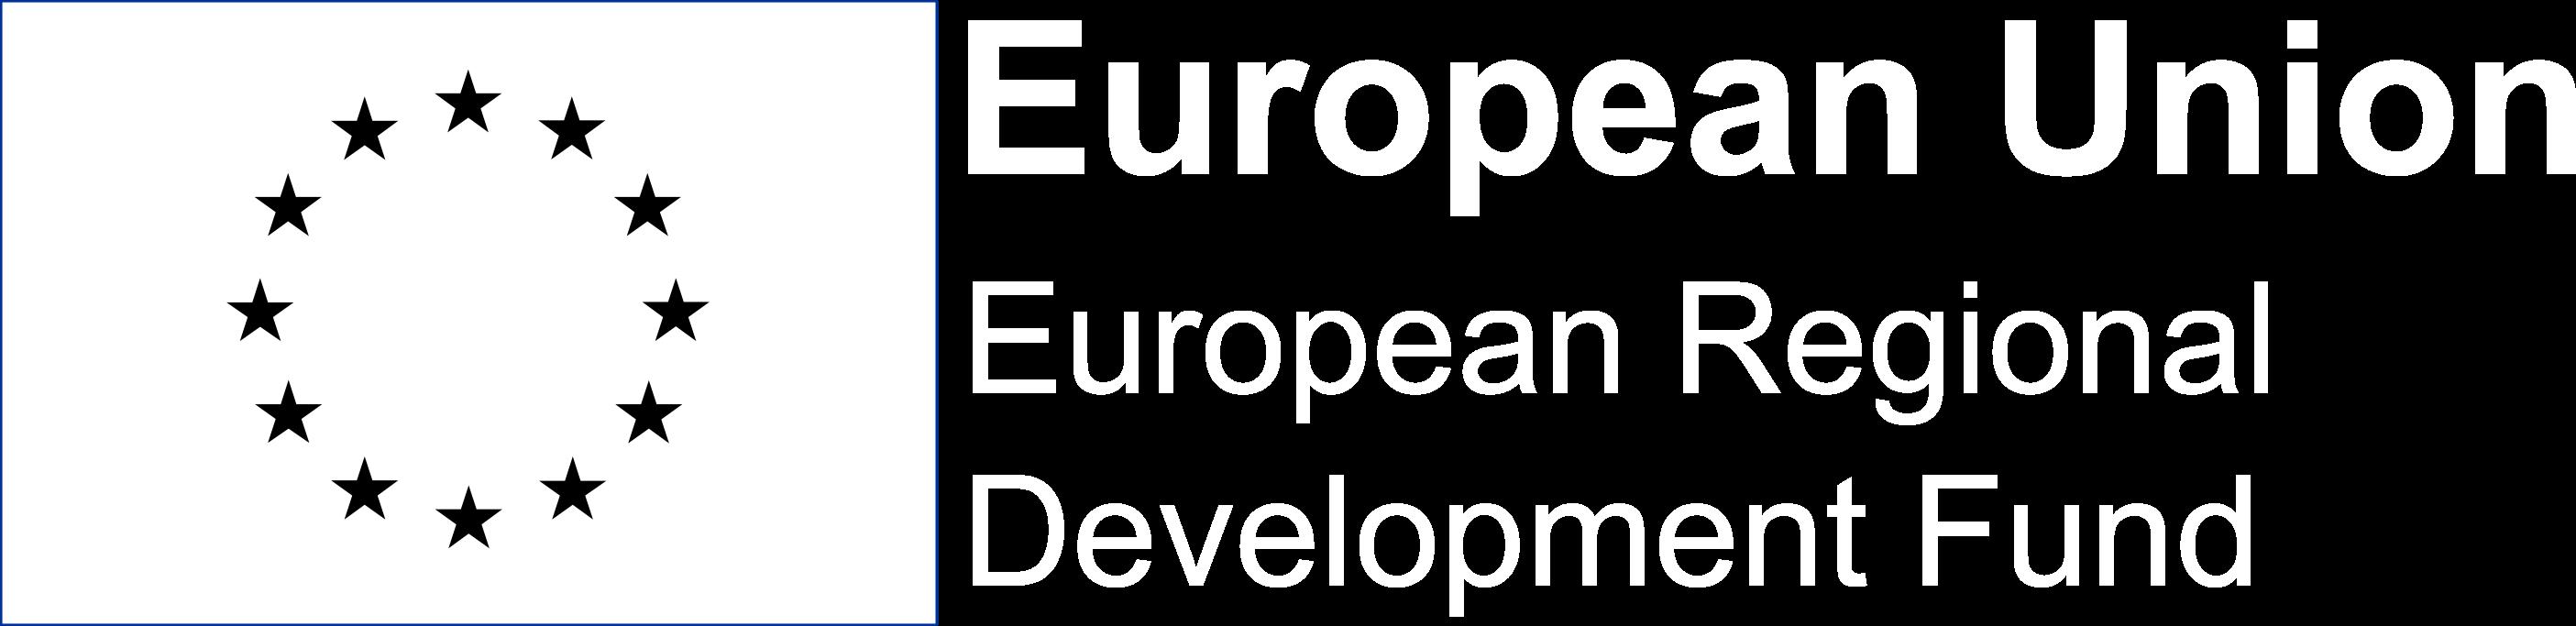 EU dev fund